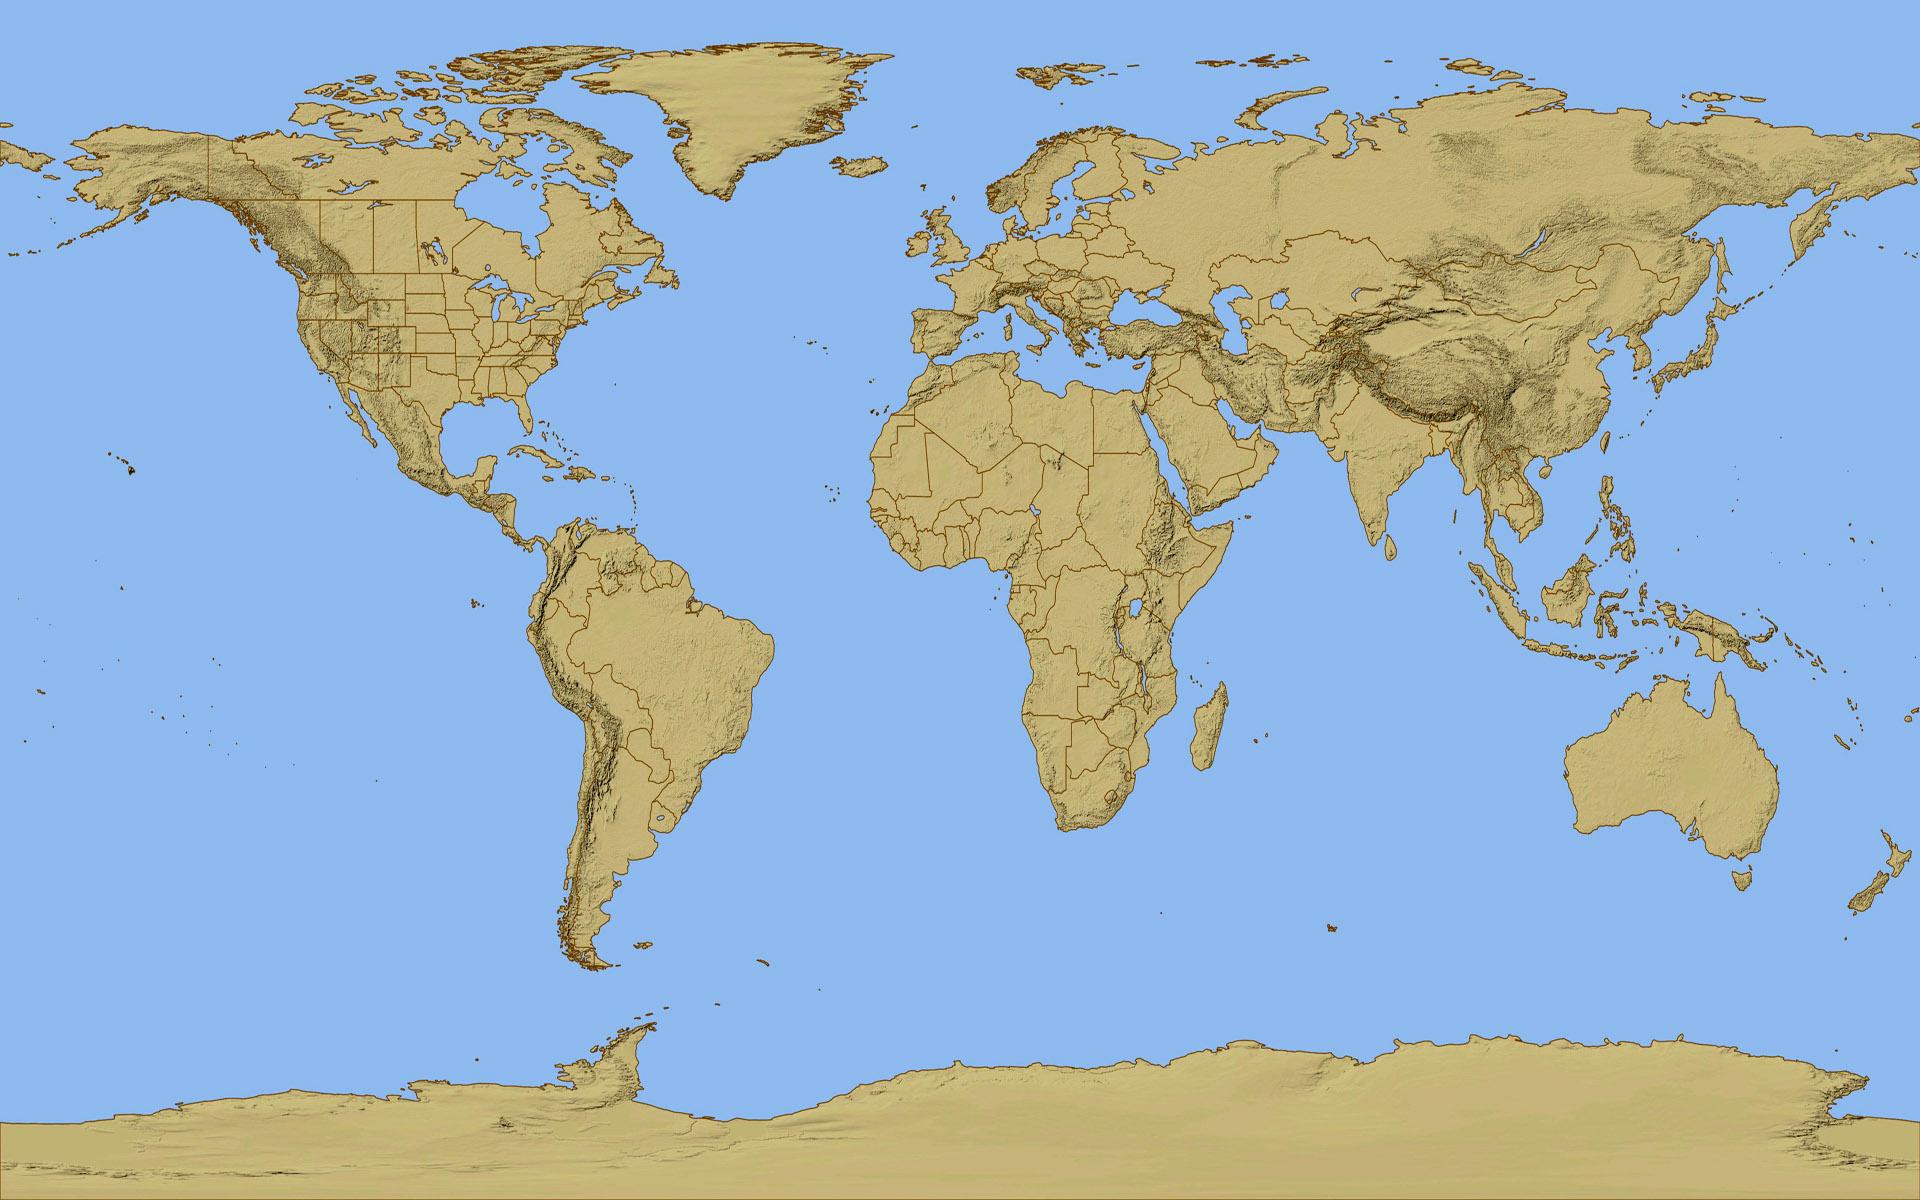 世界地图 第一辑壁纸图片其他壁纸其他图片素材